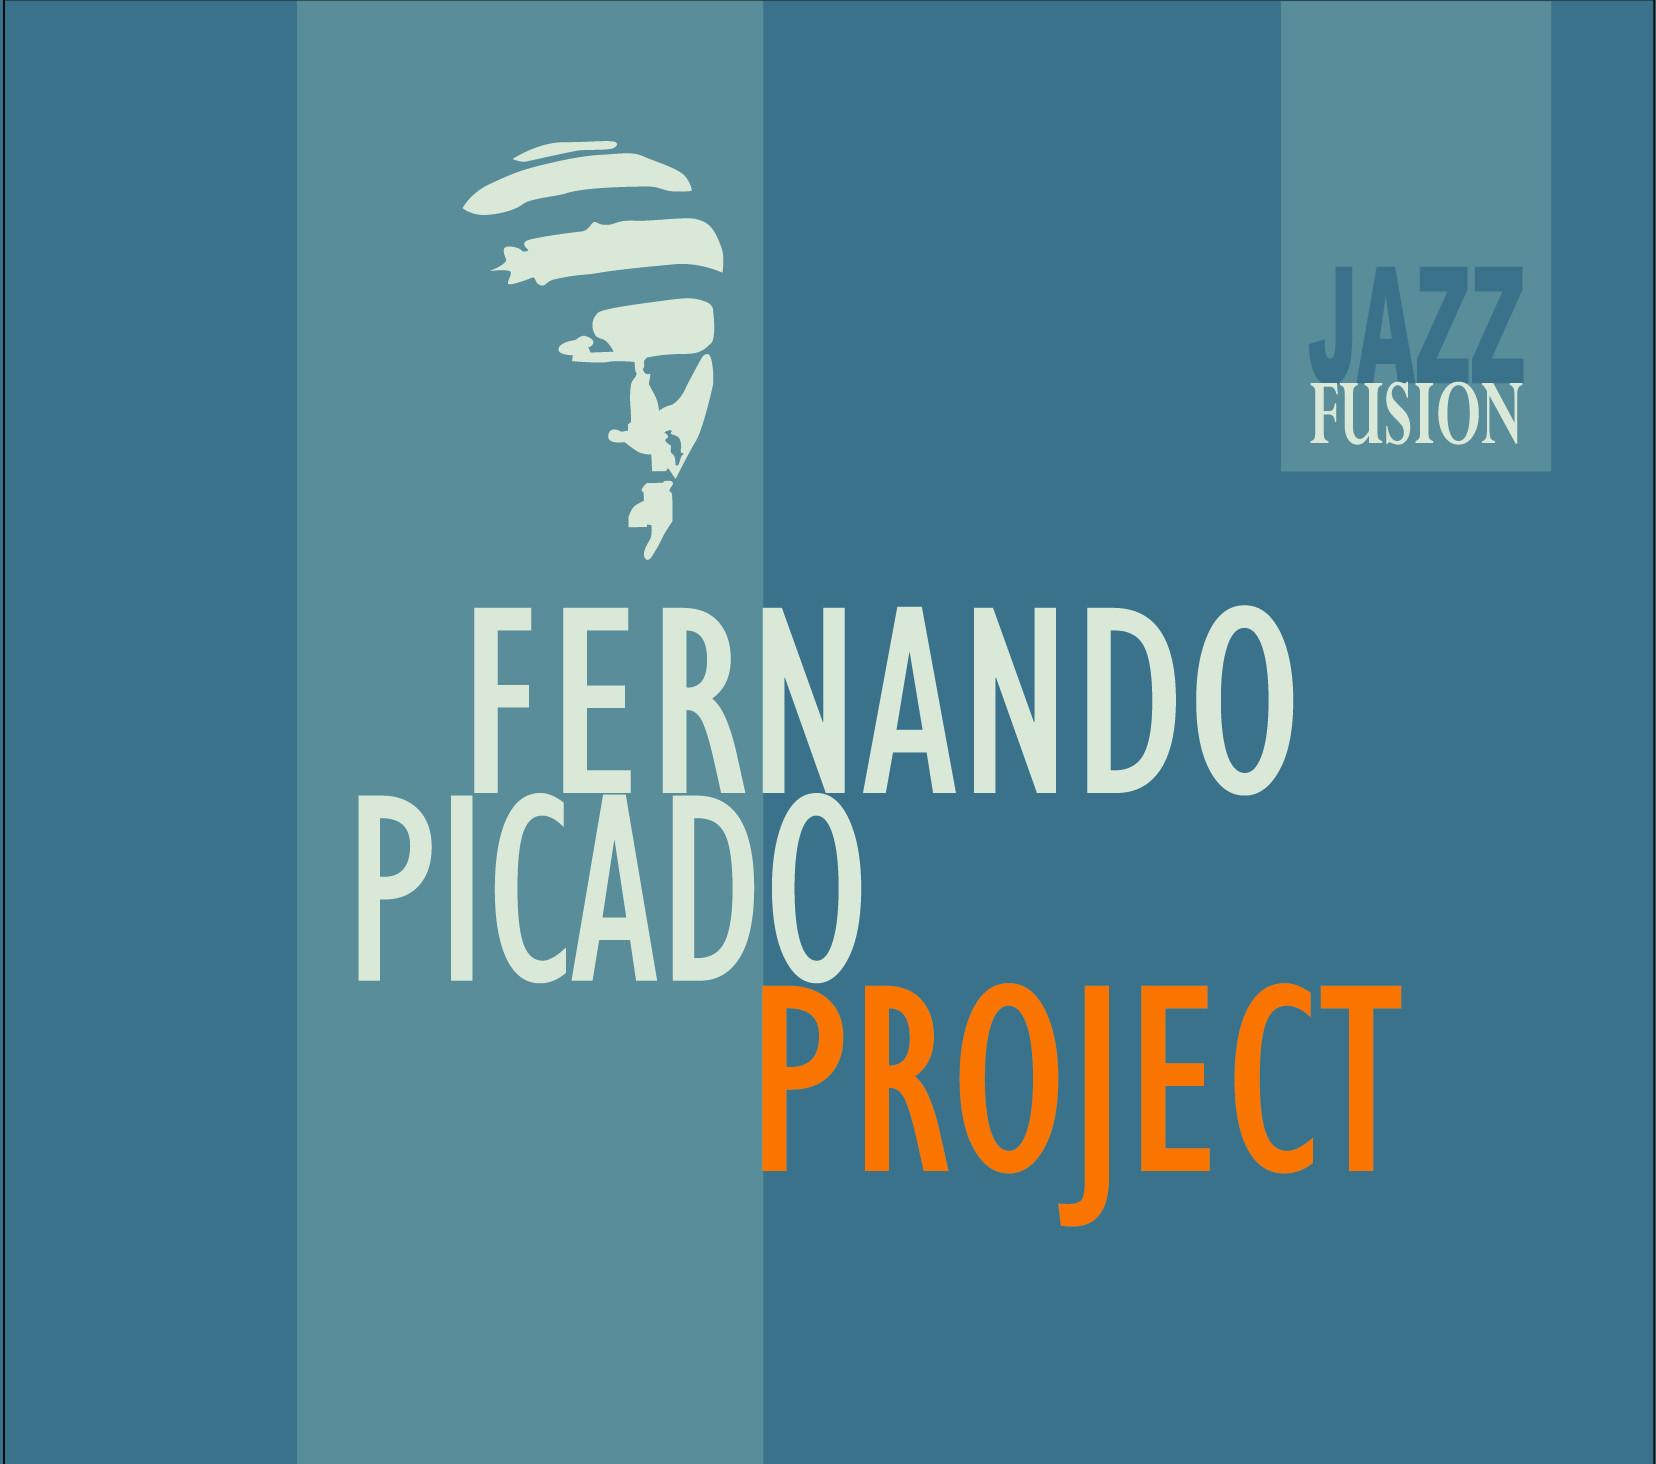 """FERNANDO PICADO PROJECT PRESENTA SU PRIMER DISCO: """" PROJECT"""""""